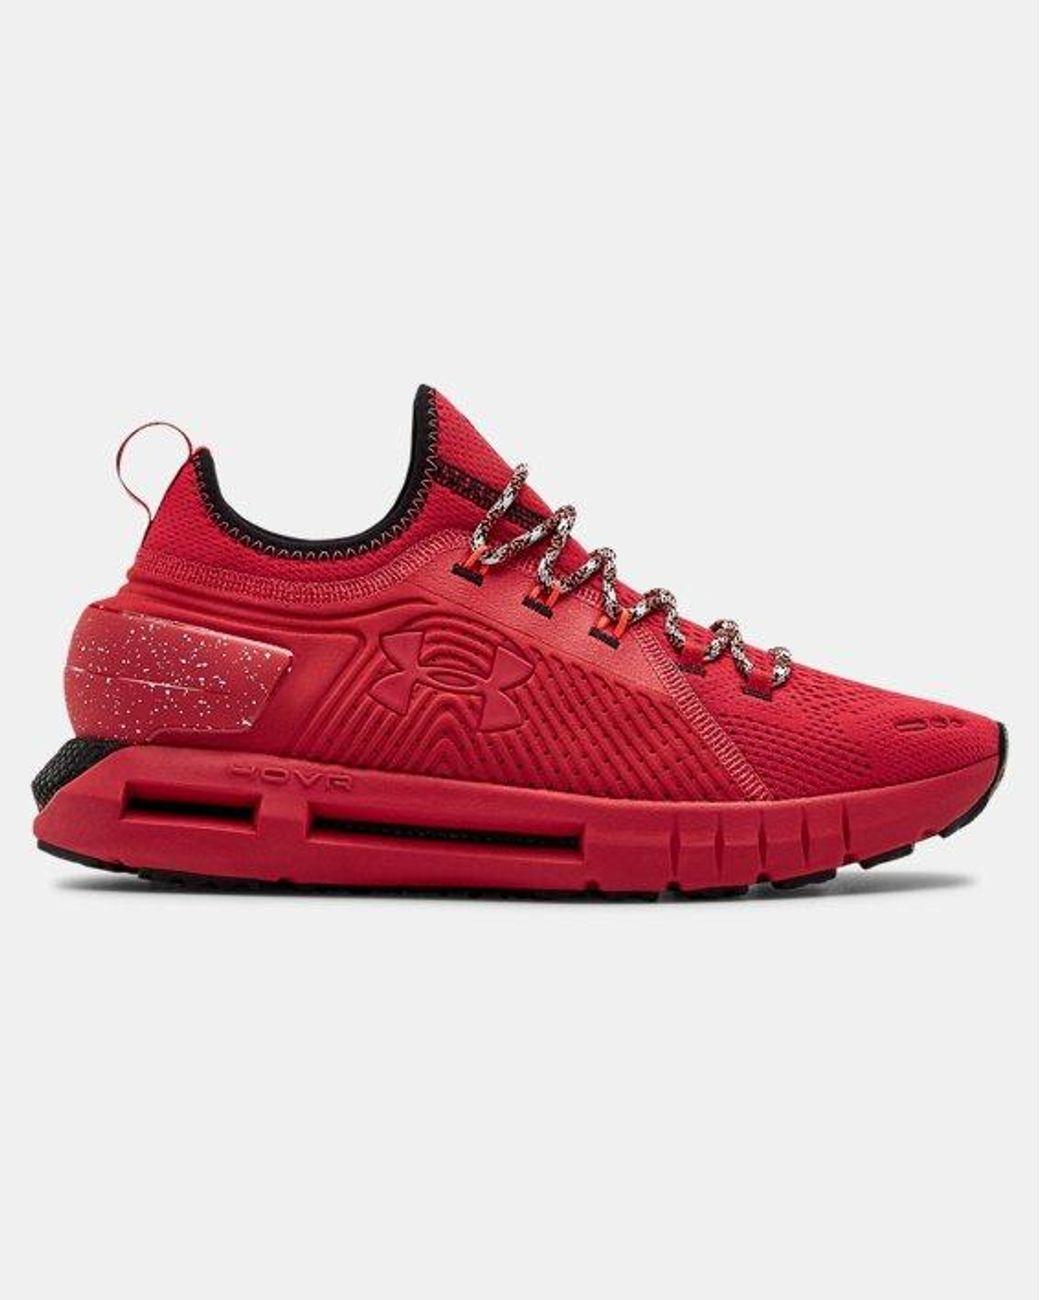 Ua Hovr Phantom Se Trek Running Shoes